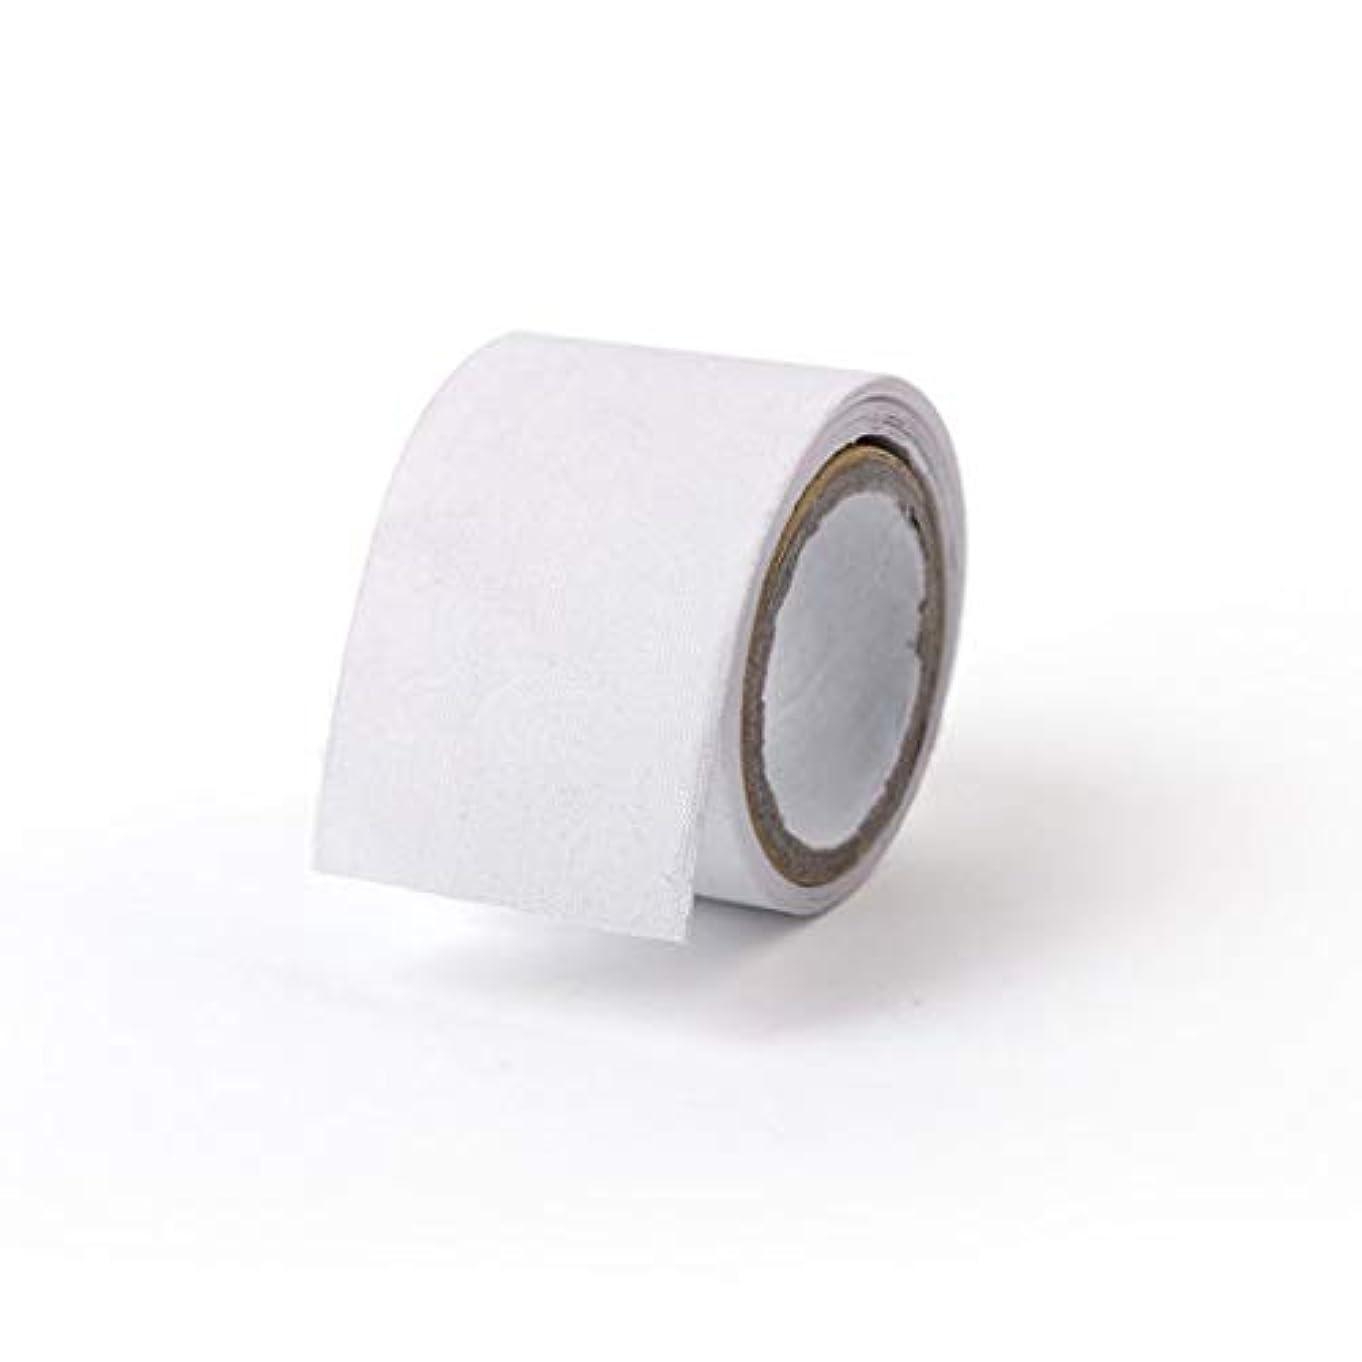 覗く電気的対象1st market マニキュアシルクネイルラップネイルアートセルフスティックツールは白1ロールが含まれています丈夫で便利